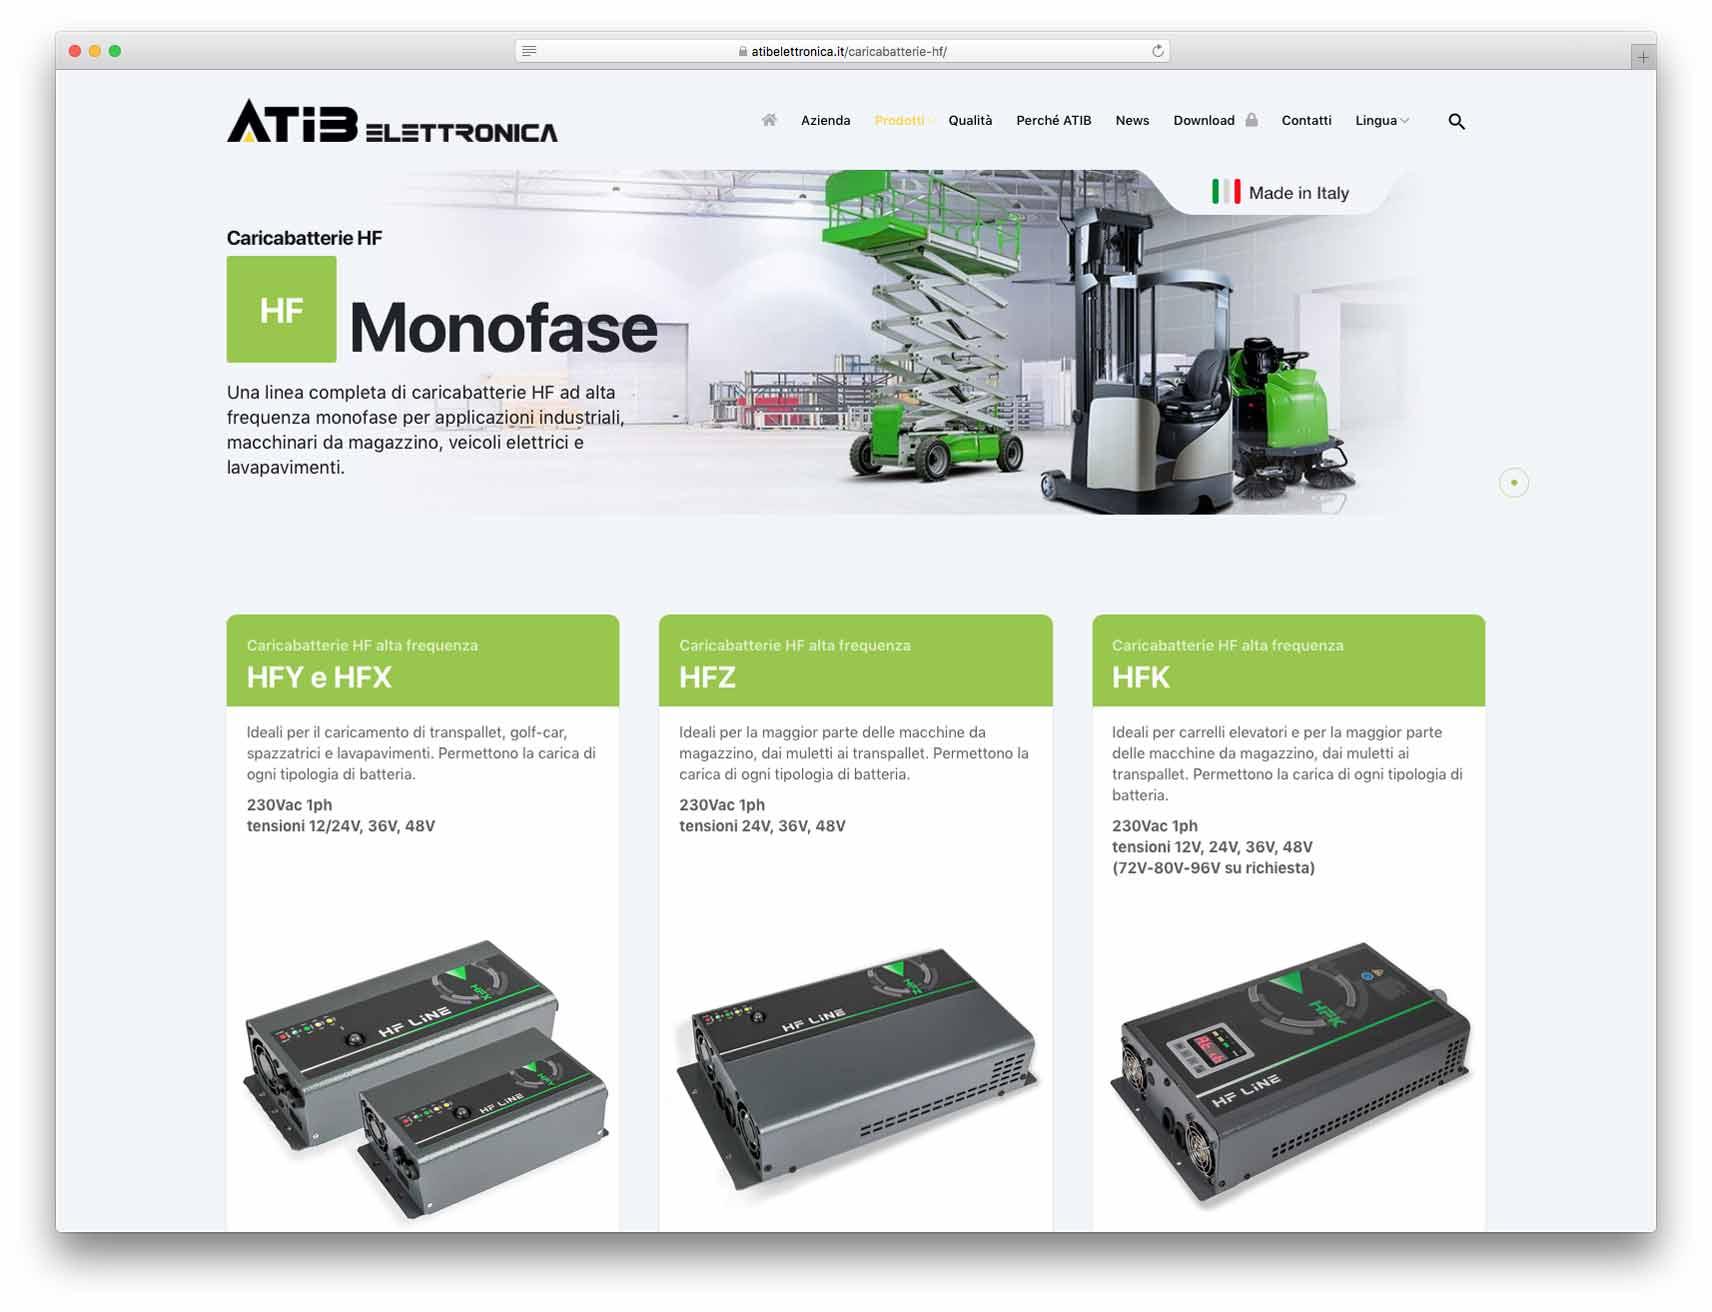 creazione siti web brescia - Agenzia P - sito web Atib Elettronica